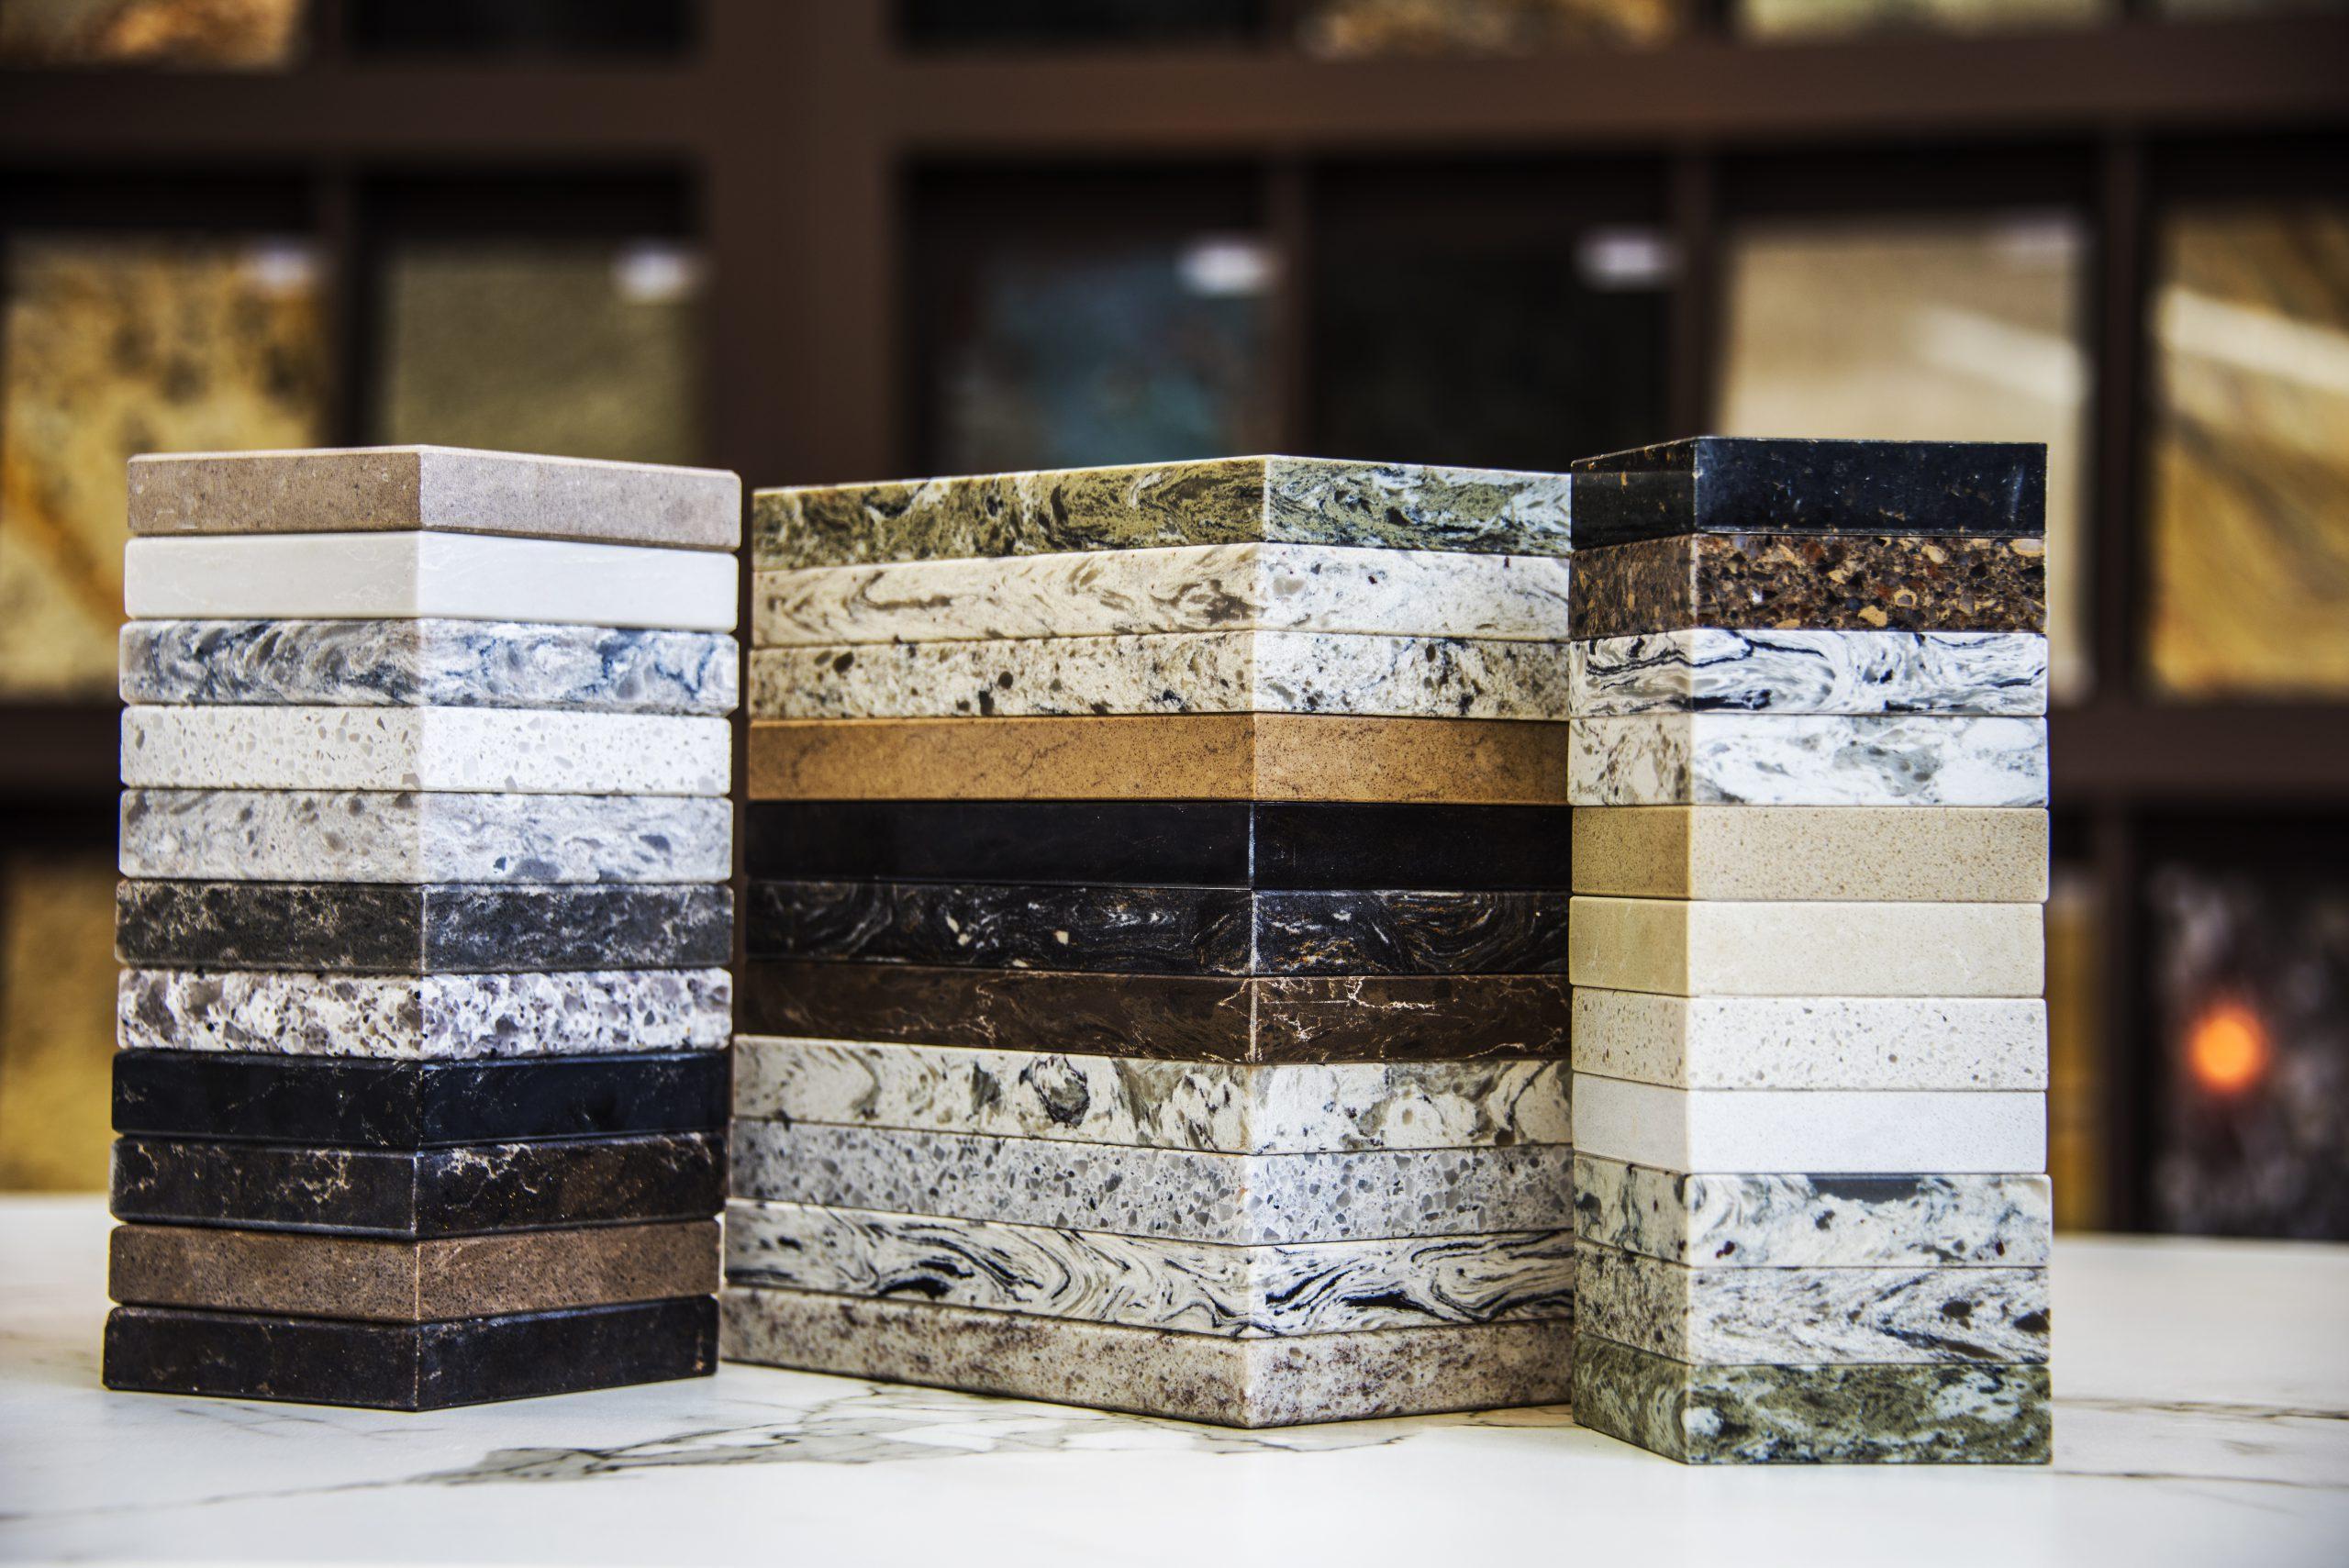 difference-beetwen-countertops-stones